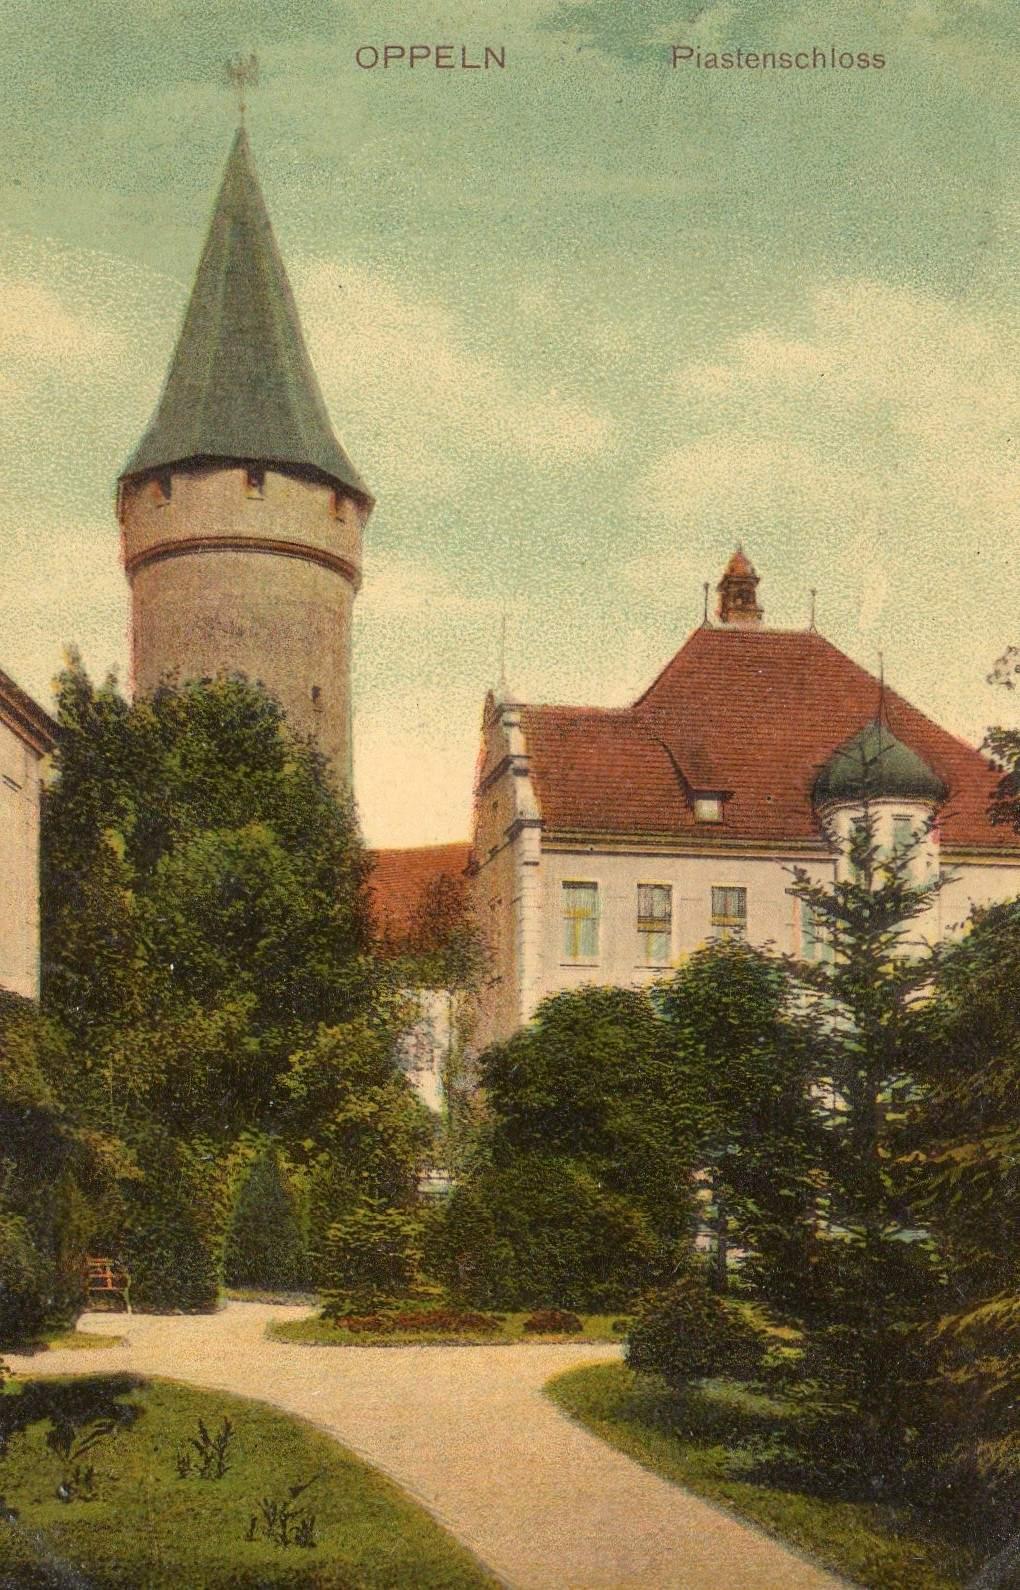 Piastenschloss Garten